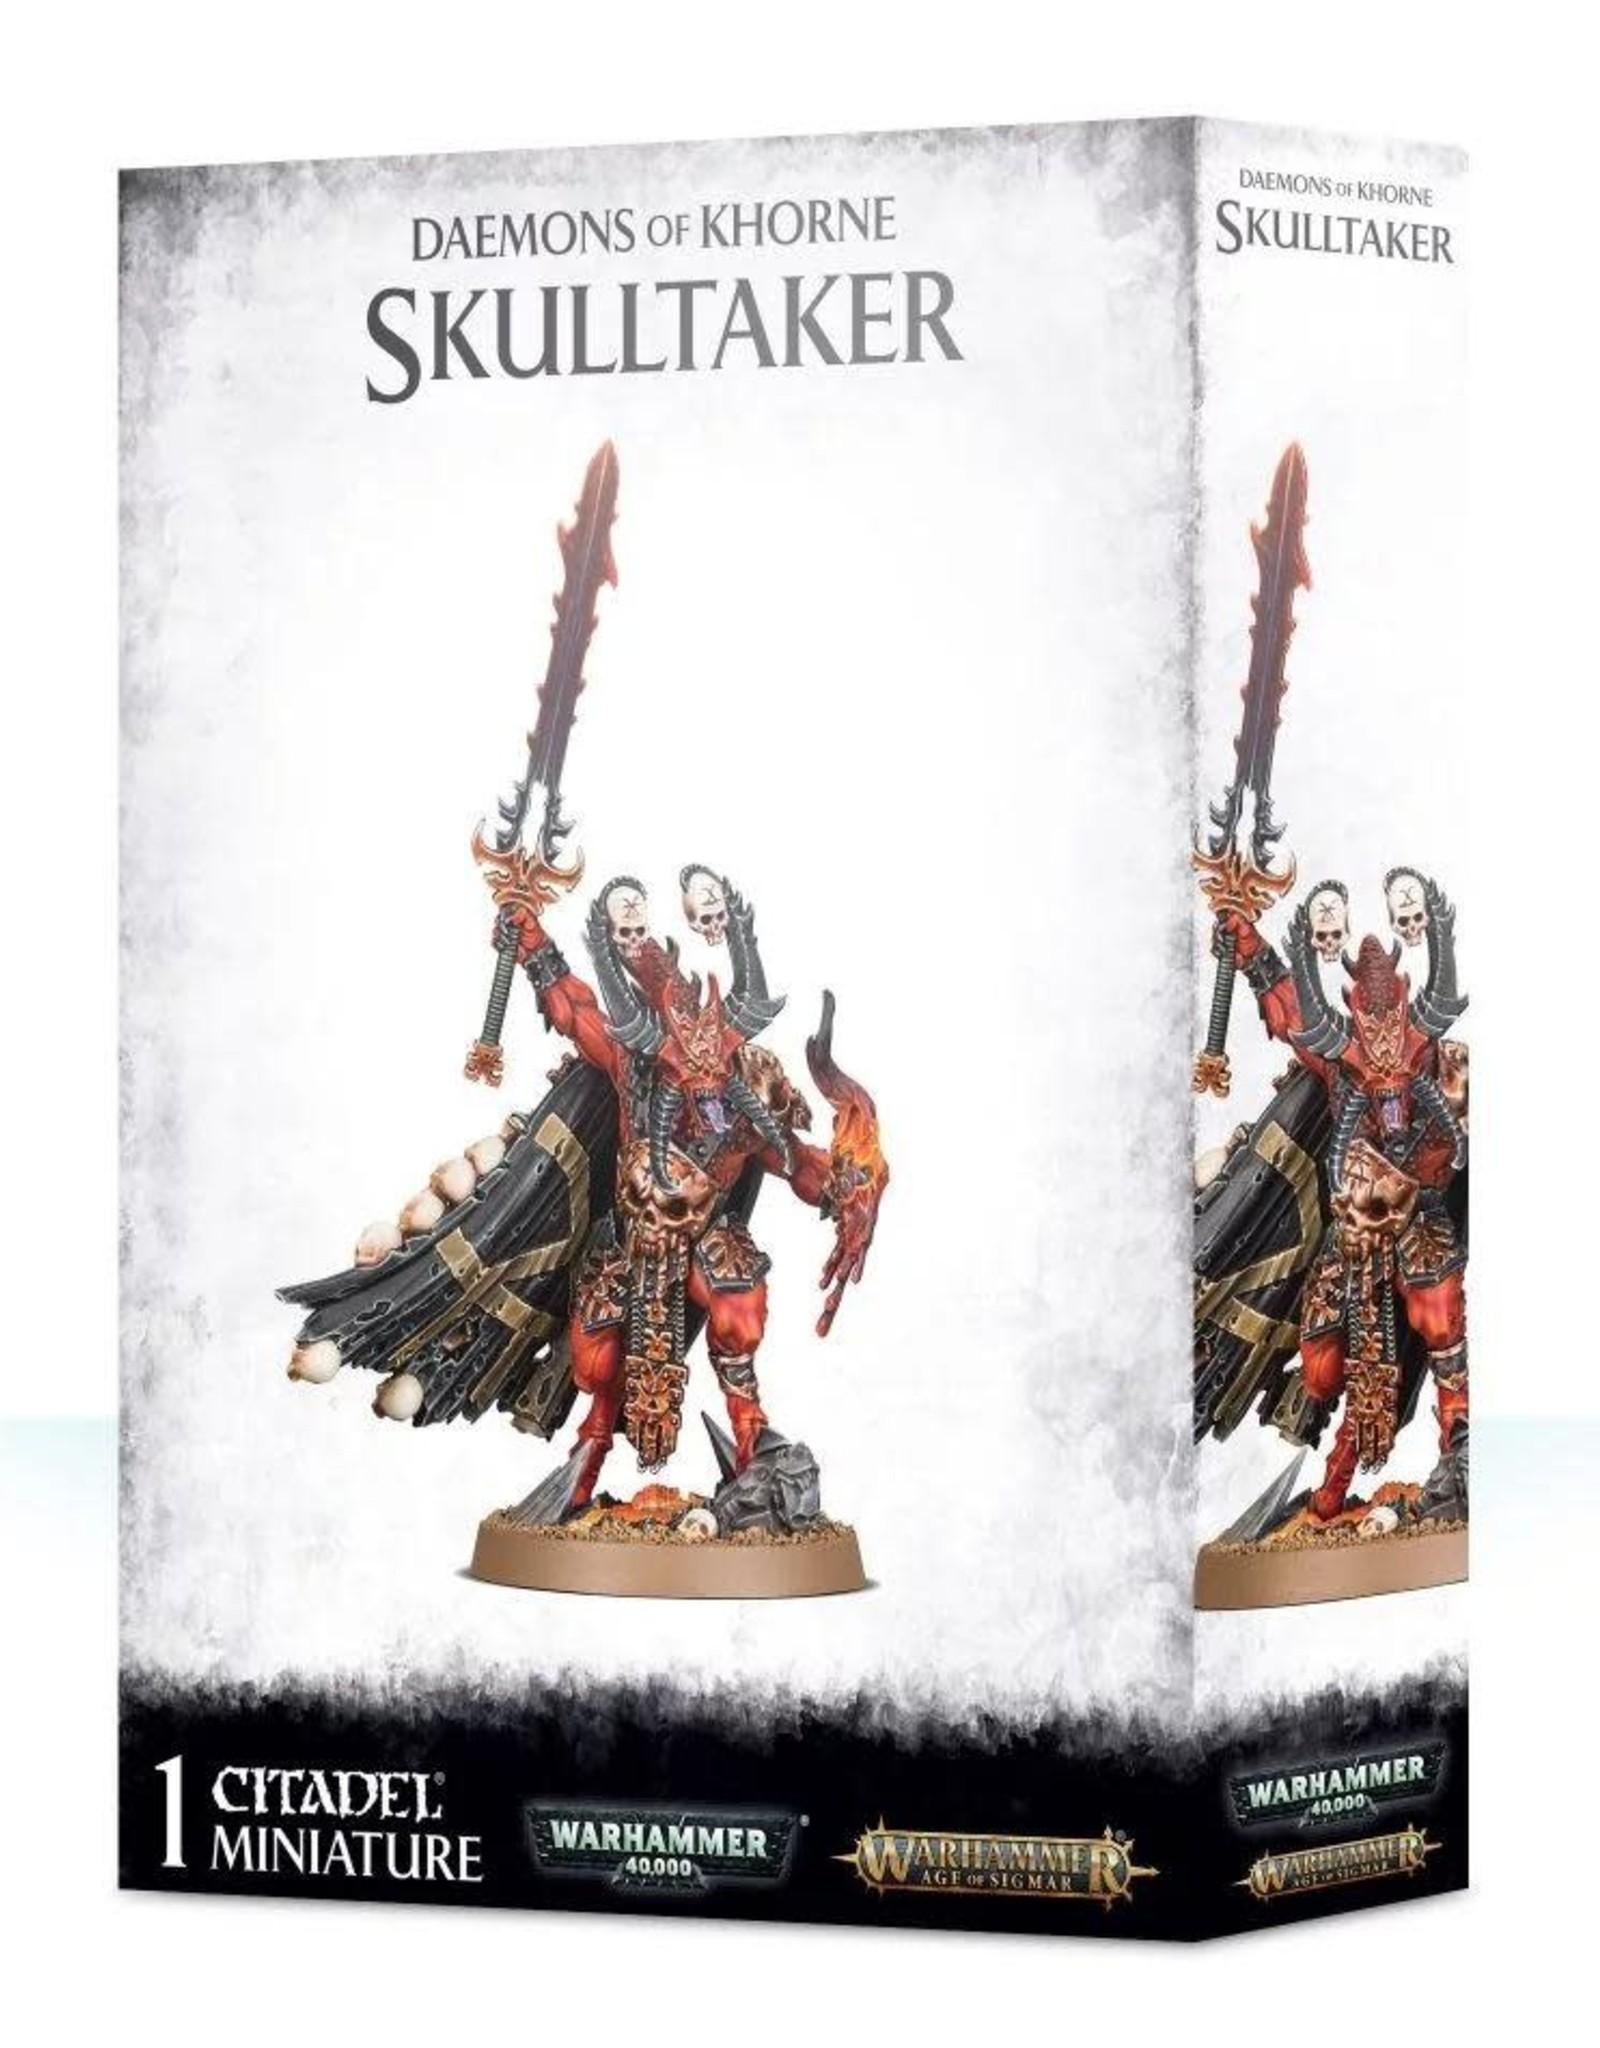 Daemons of Khorne Skulltaker